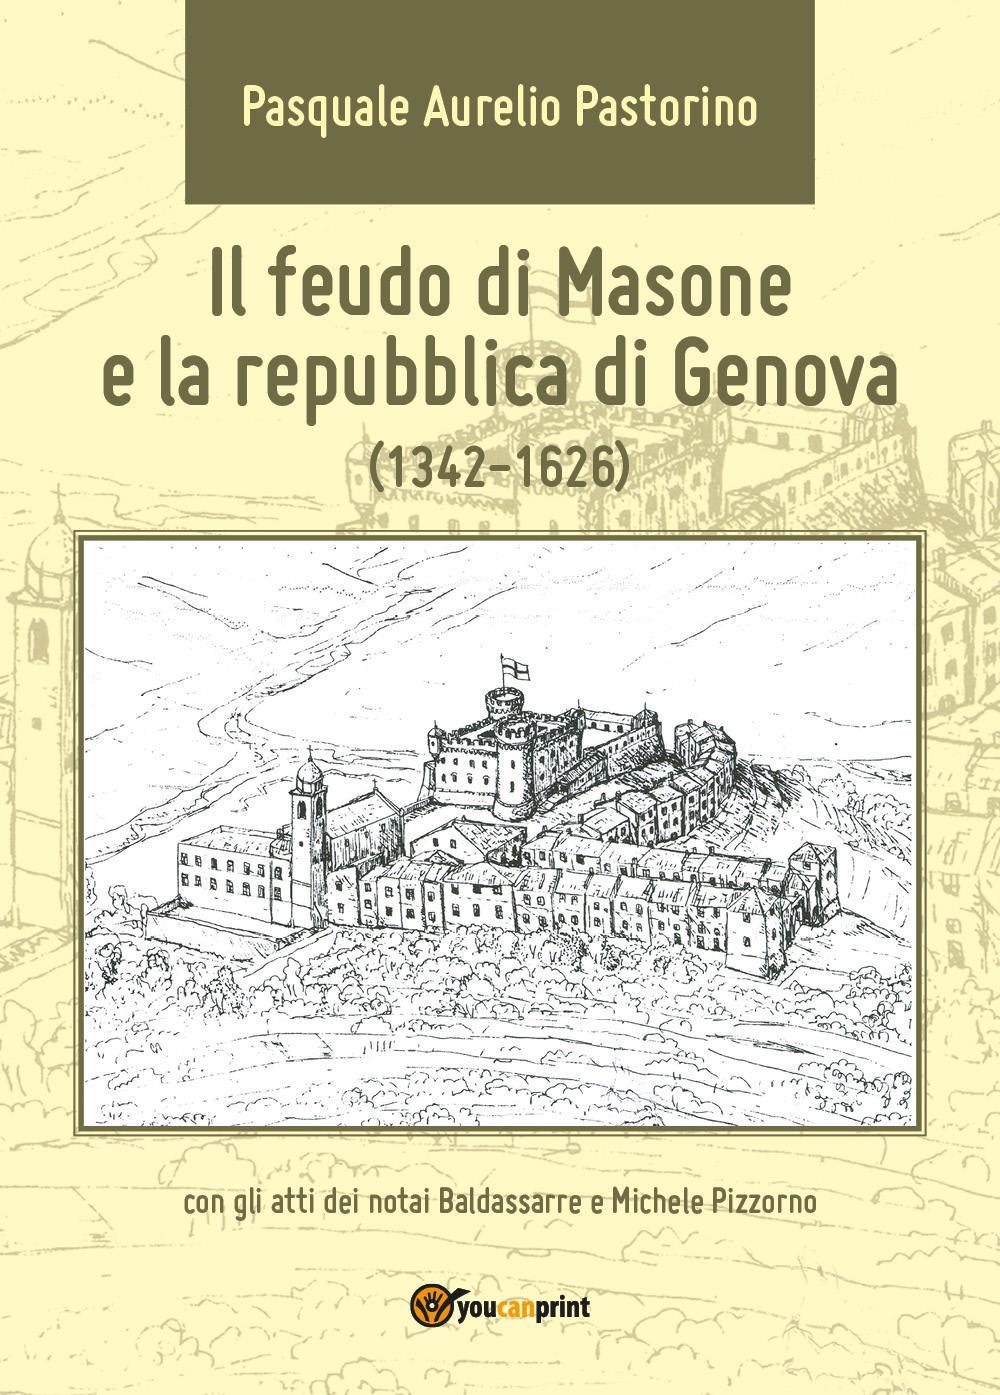 Il feudo di Masone e la repubblica di Genova (1342-1626)